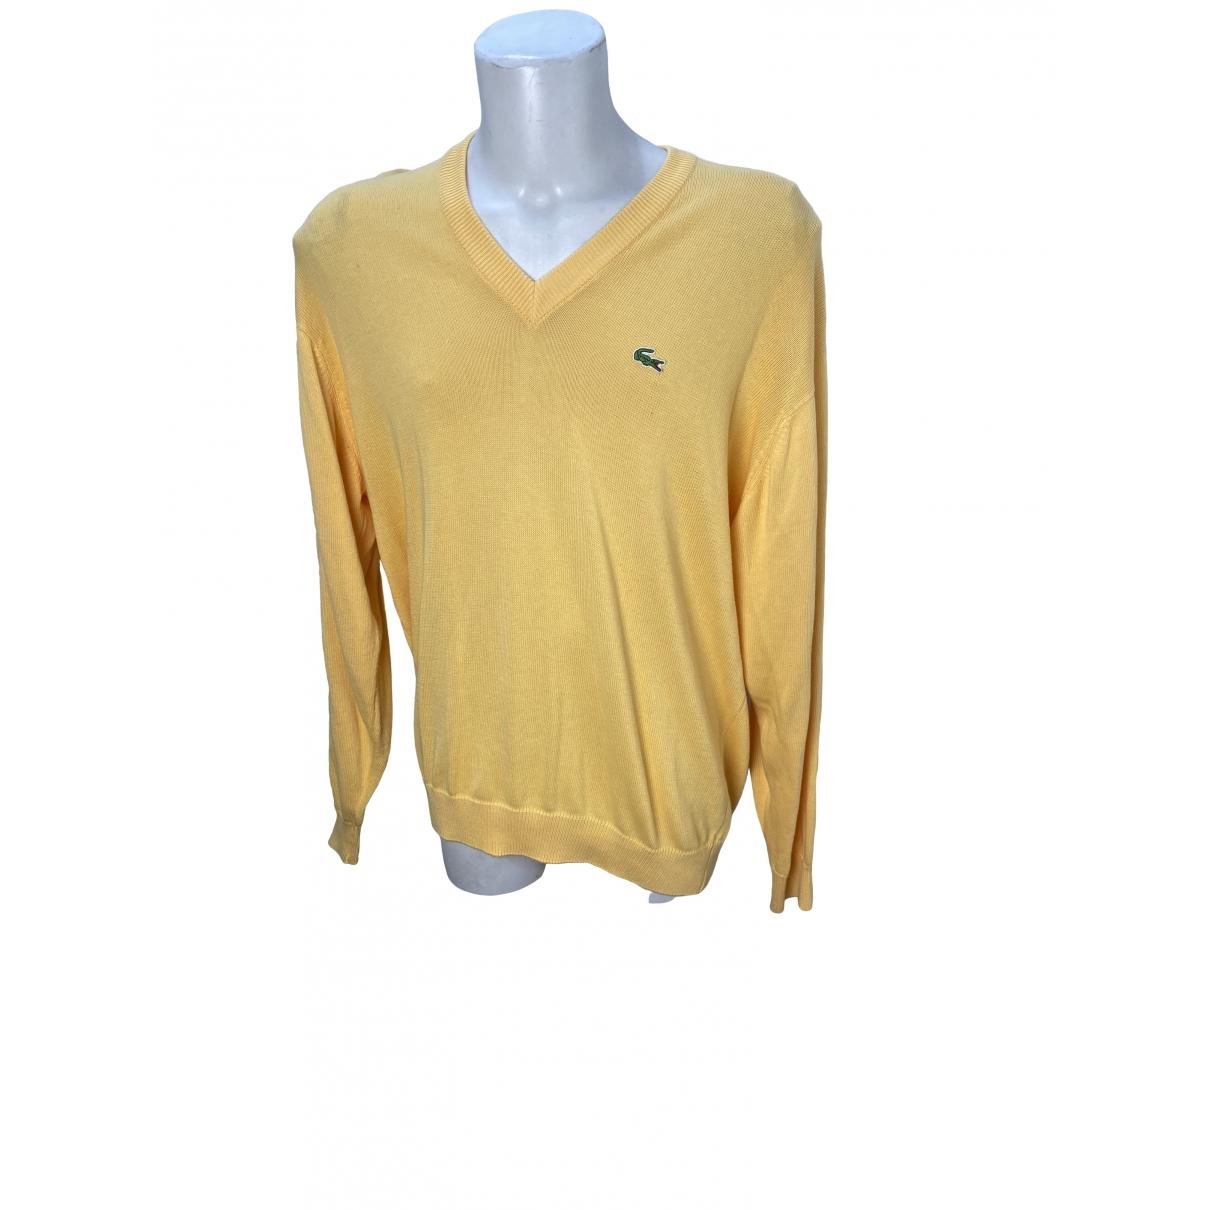 Lacoste \N Yellow Cotton Knitwear & Sweatshirts for Men XL International